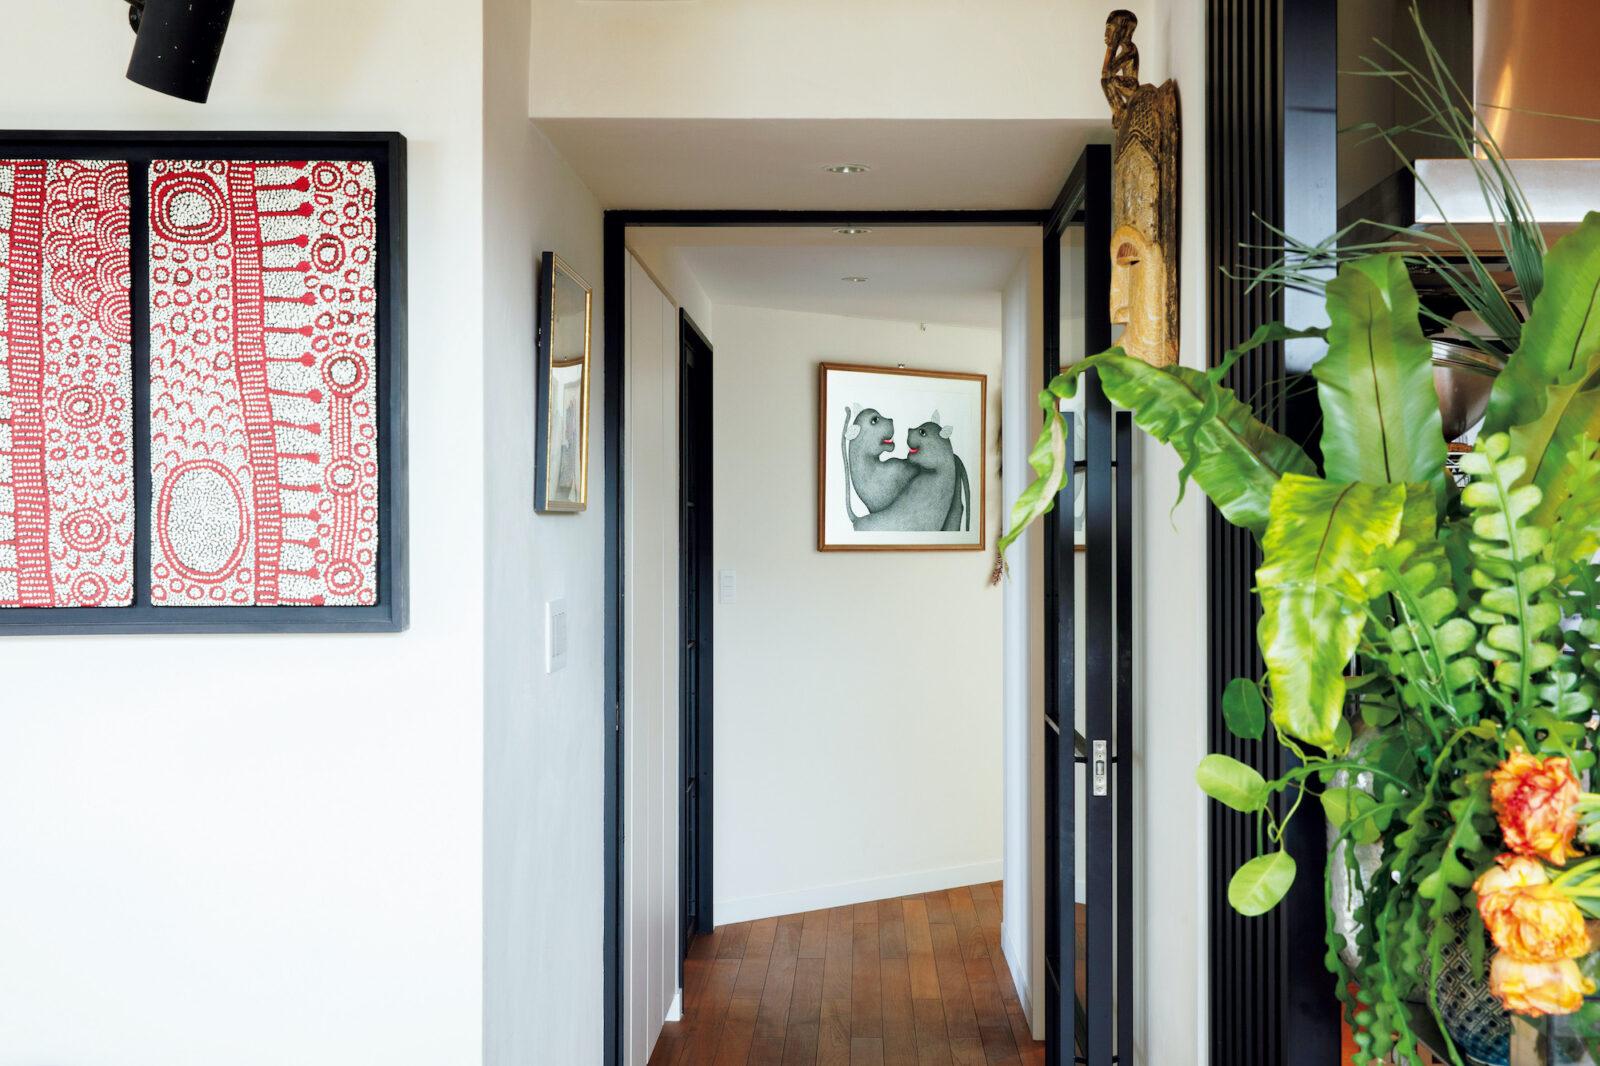 廊下にも漏れなくアートを配置する。奥はインドのデカン高原北部で暮らす民族・ゴンドの絵画。左はオーストラリアで購入したアボリジニの小ぶりのアートを2つ並べて額装した。